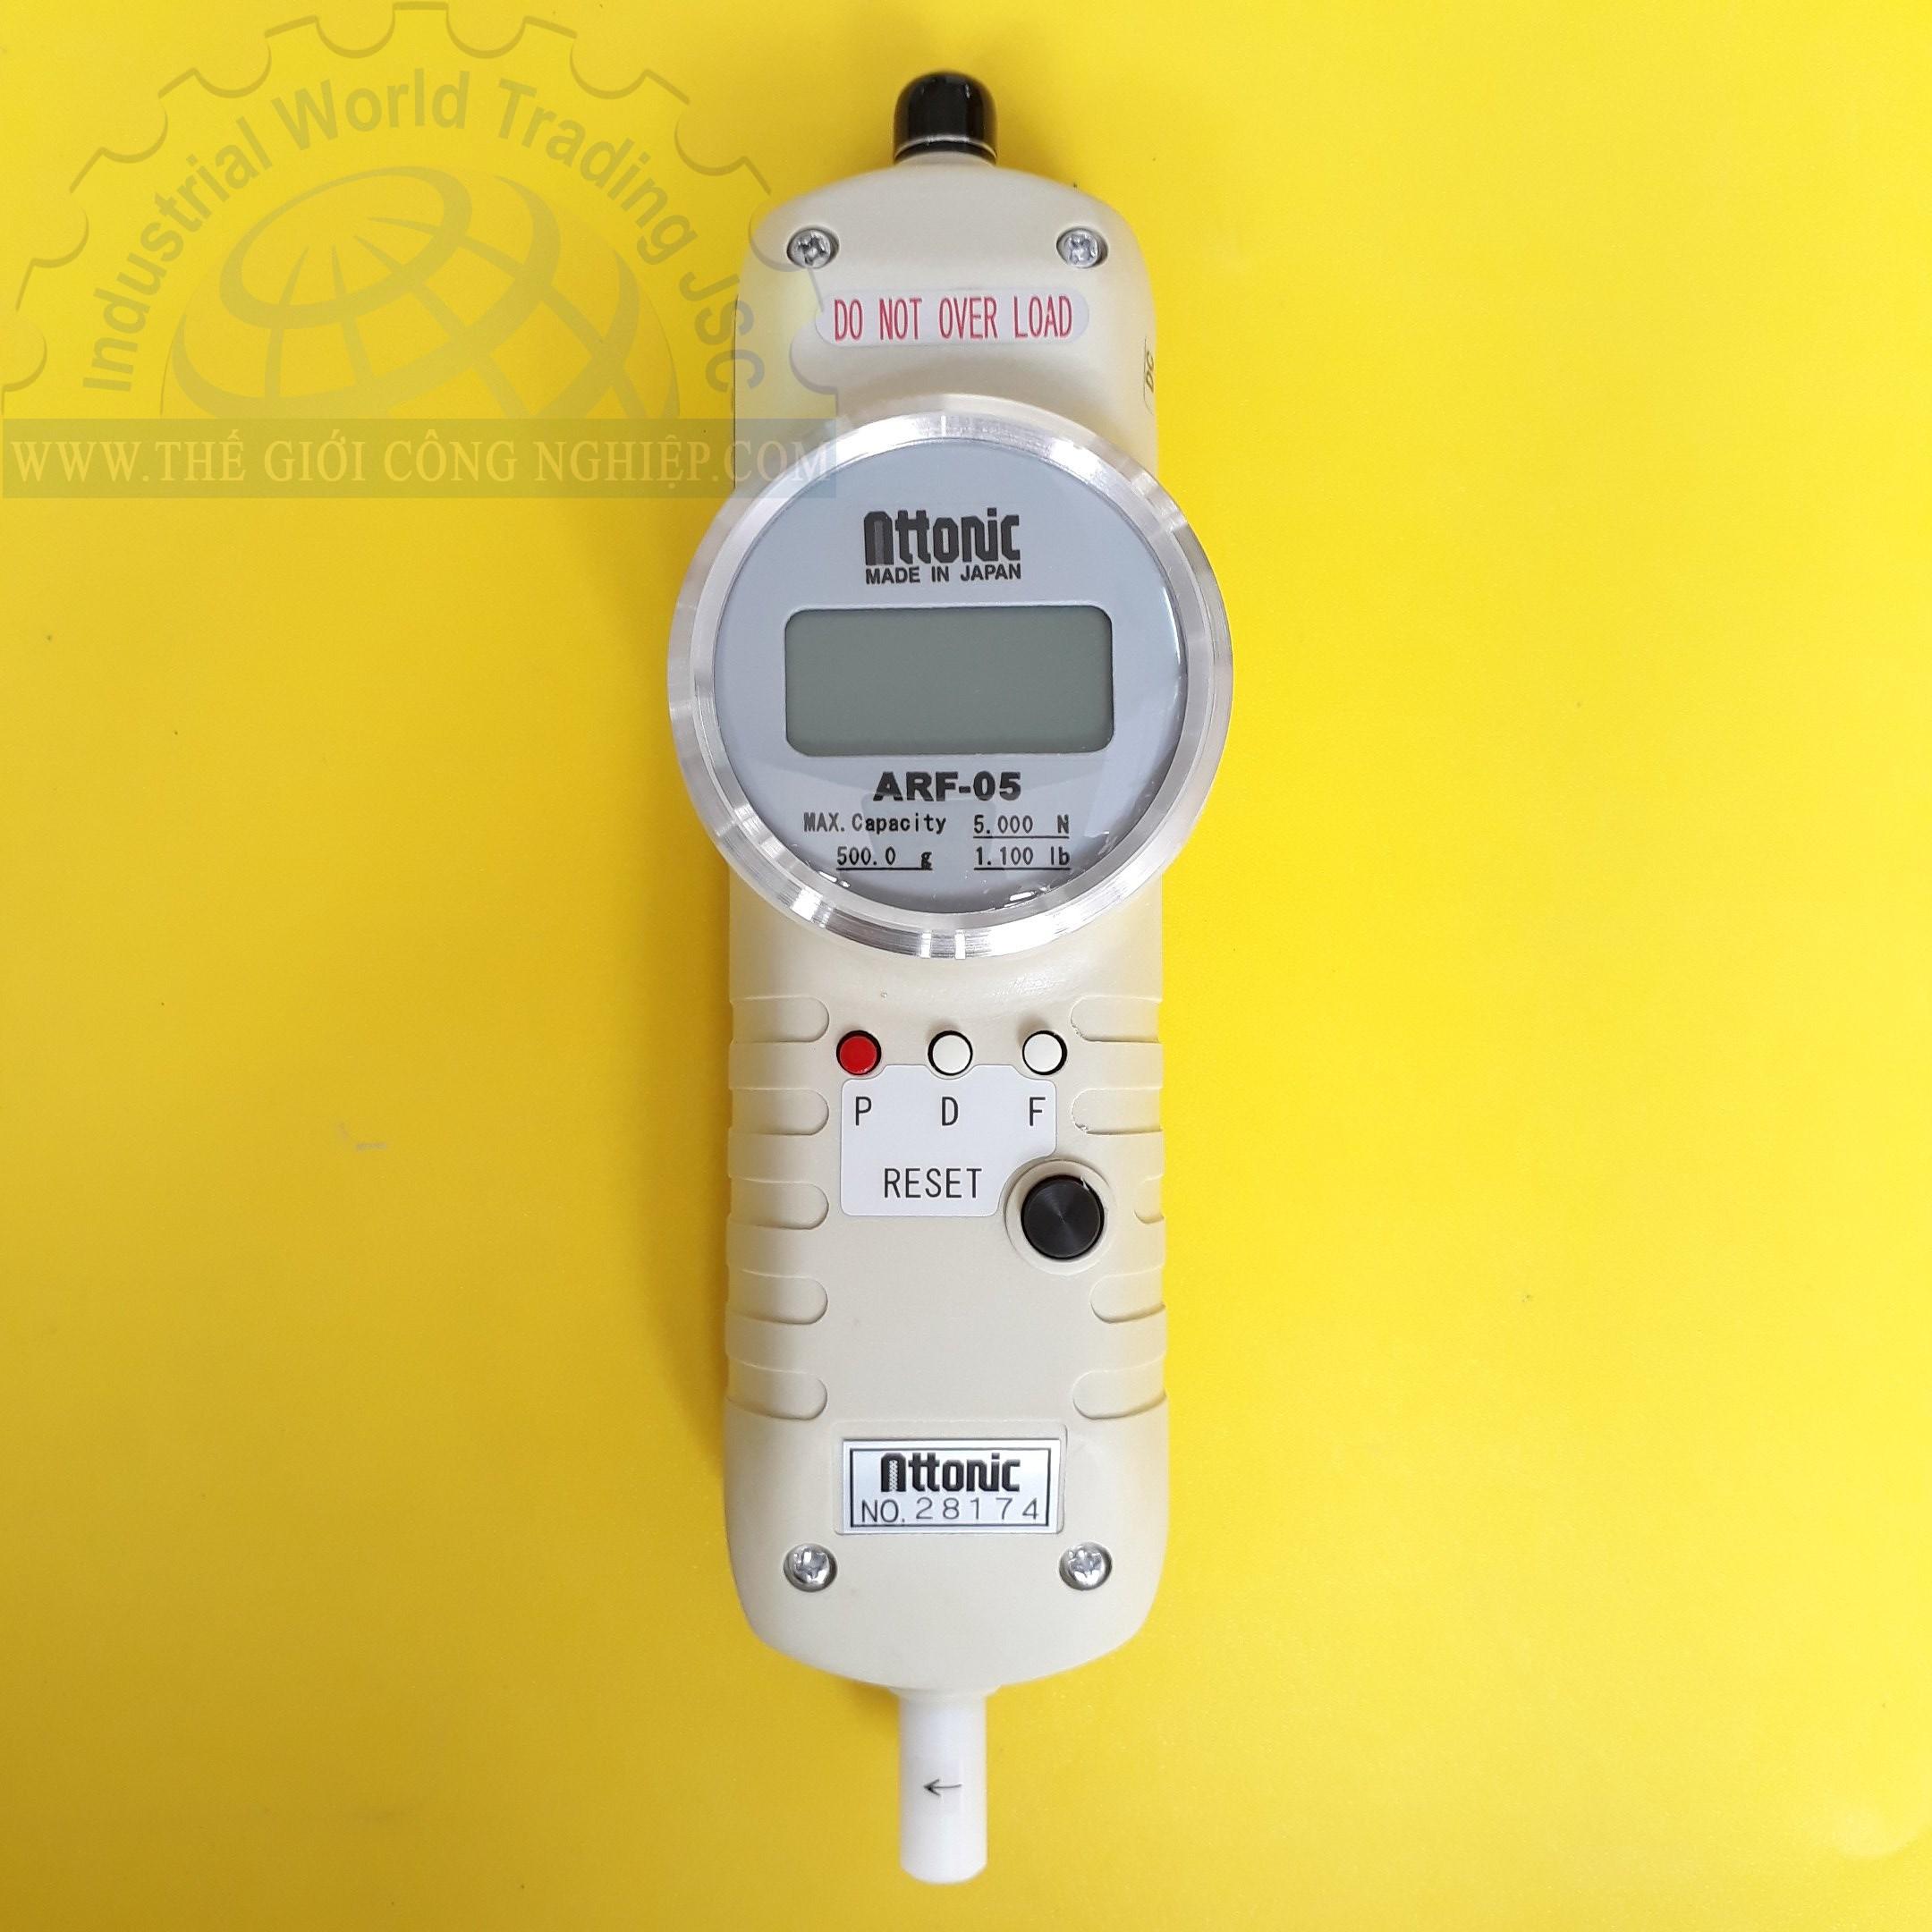 Thiết bị đo lực kéo đẩy điện tử 0-5000N ARF-05 ATTONIC